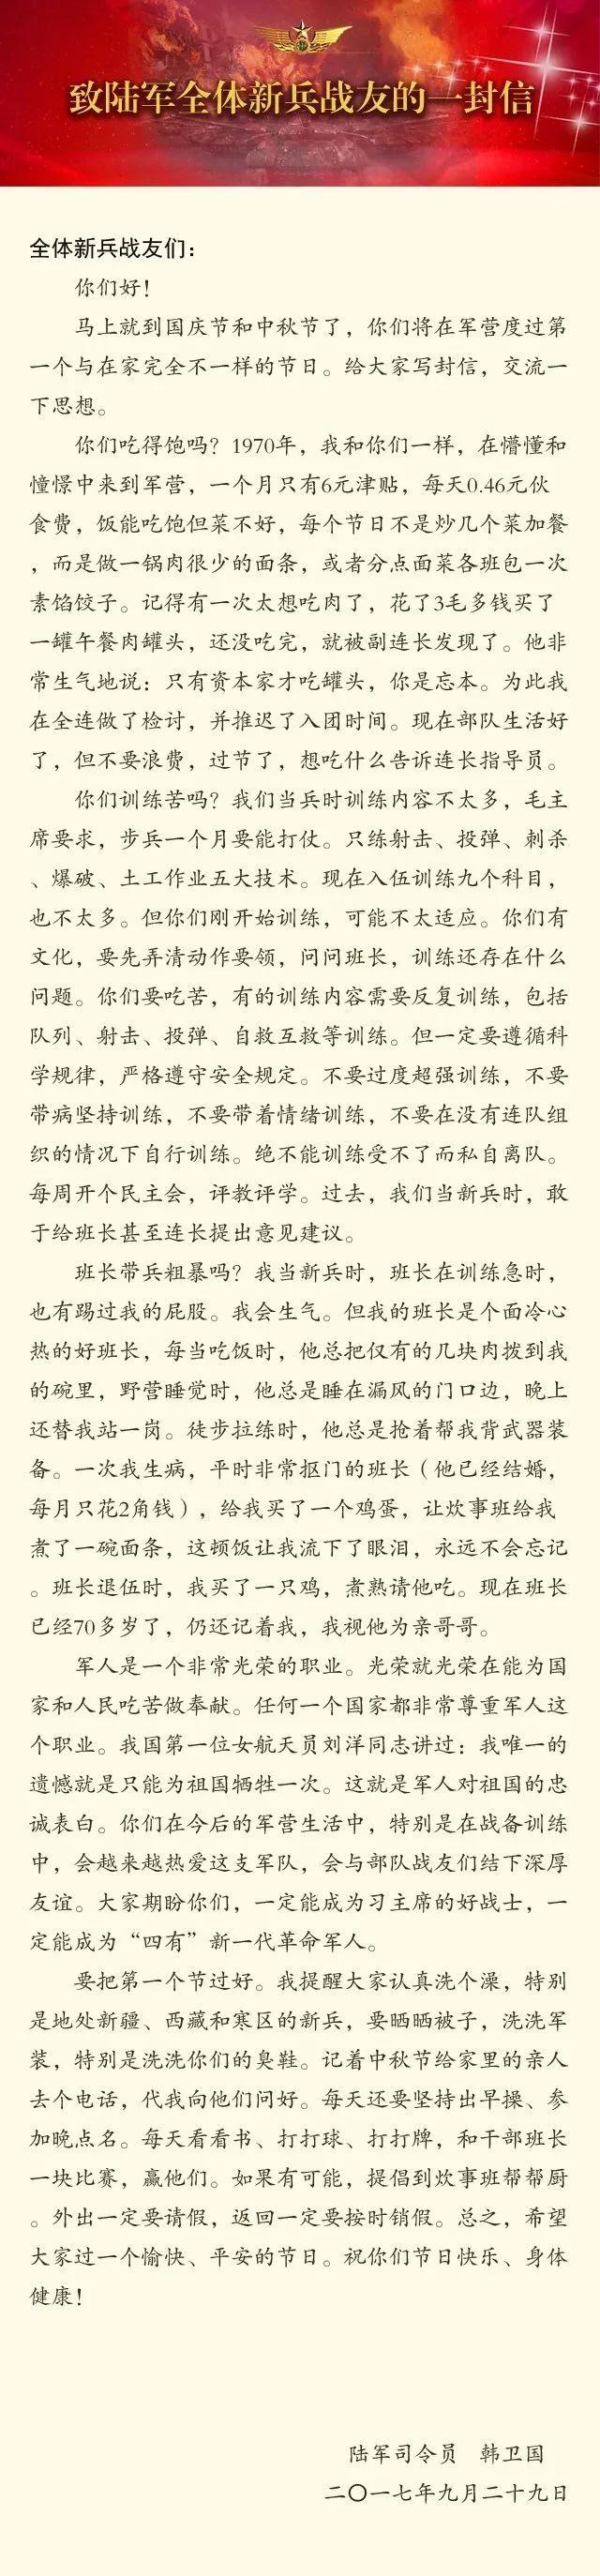 陆军司令员韩卫国给新兵写信 自述曾因吃罐头被批